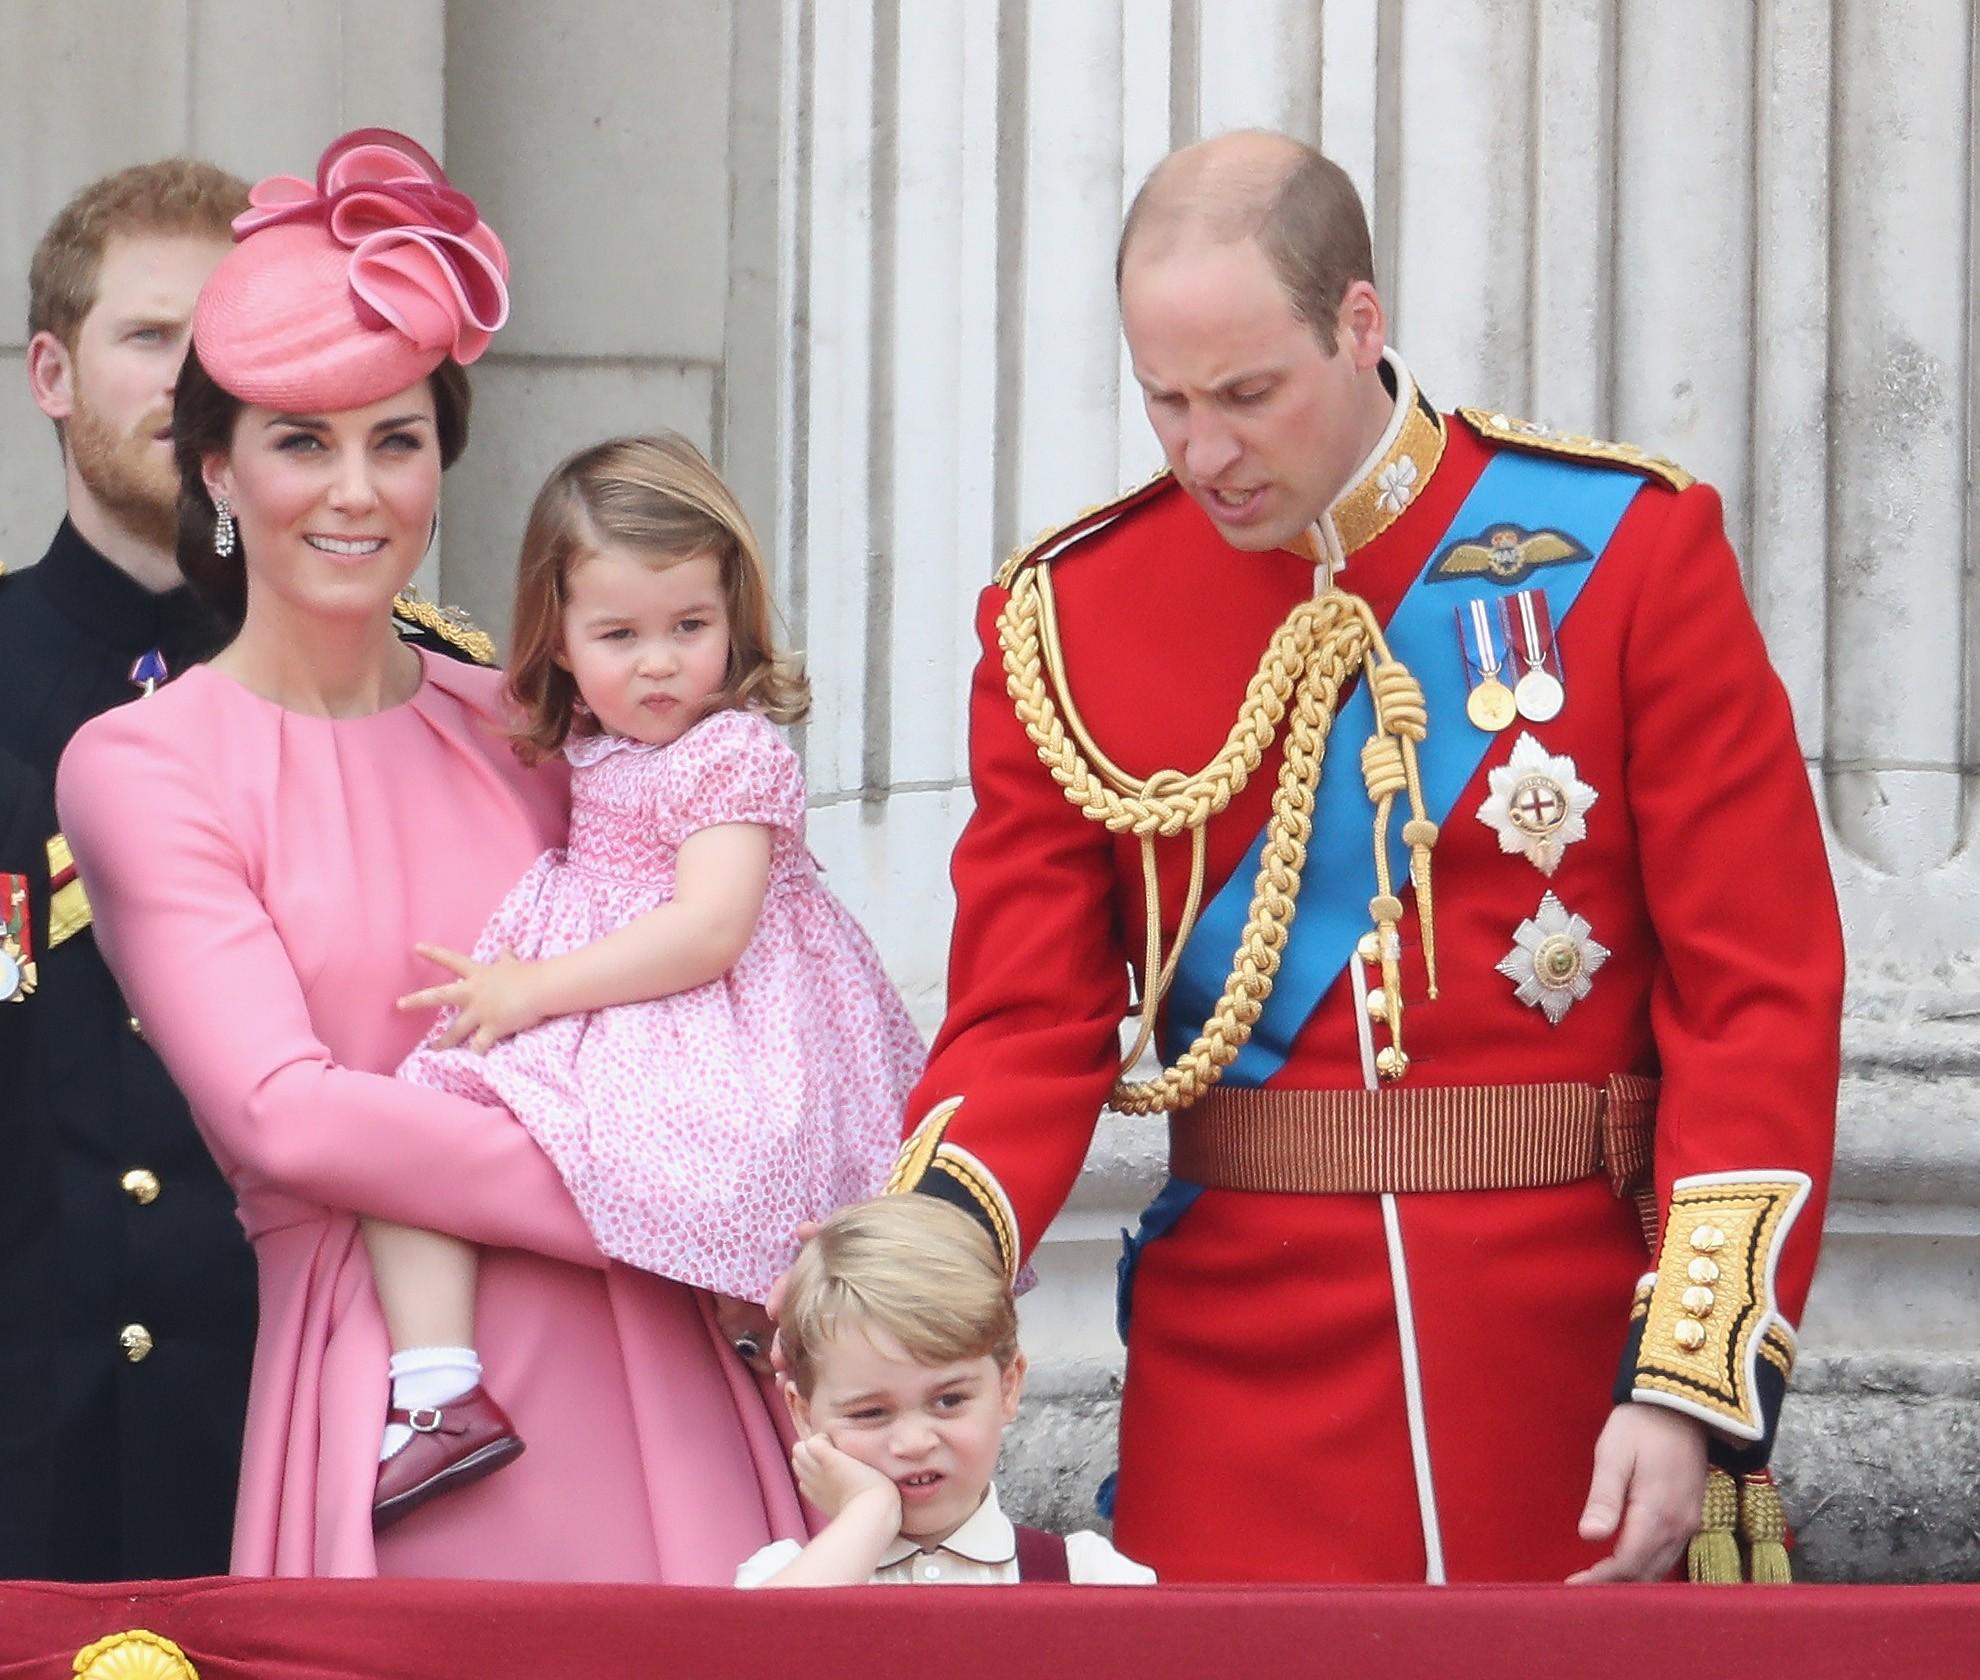 George estava emburrado (Foto: Getty Images)